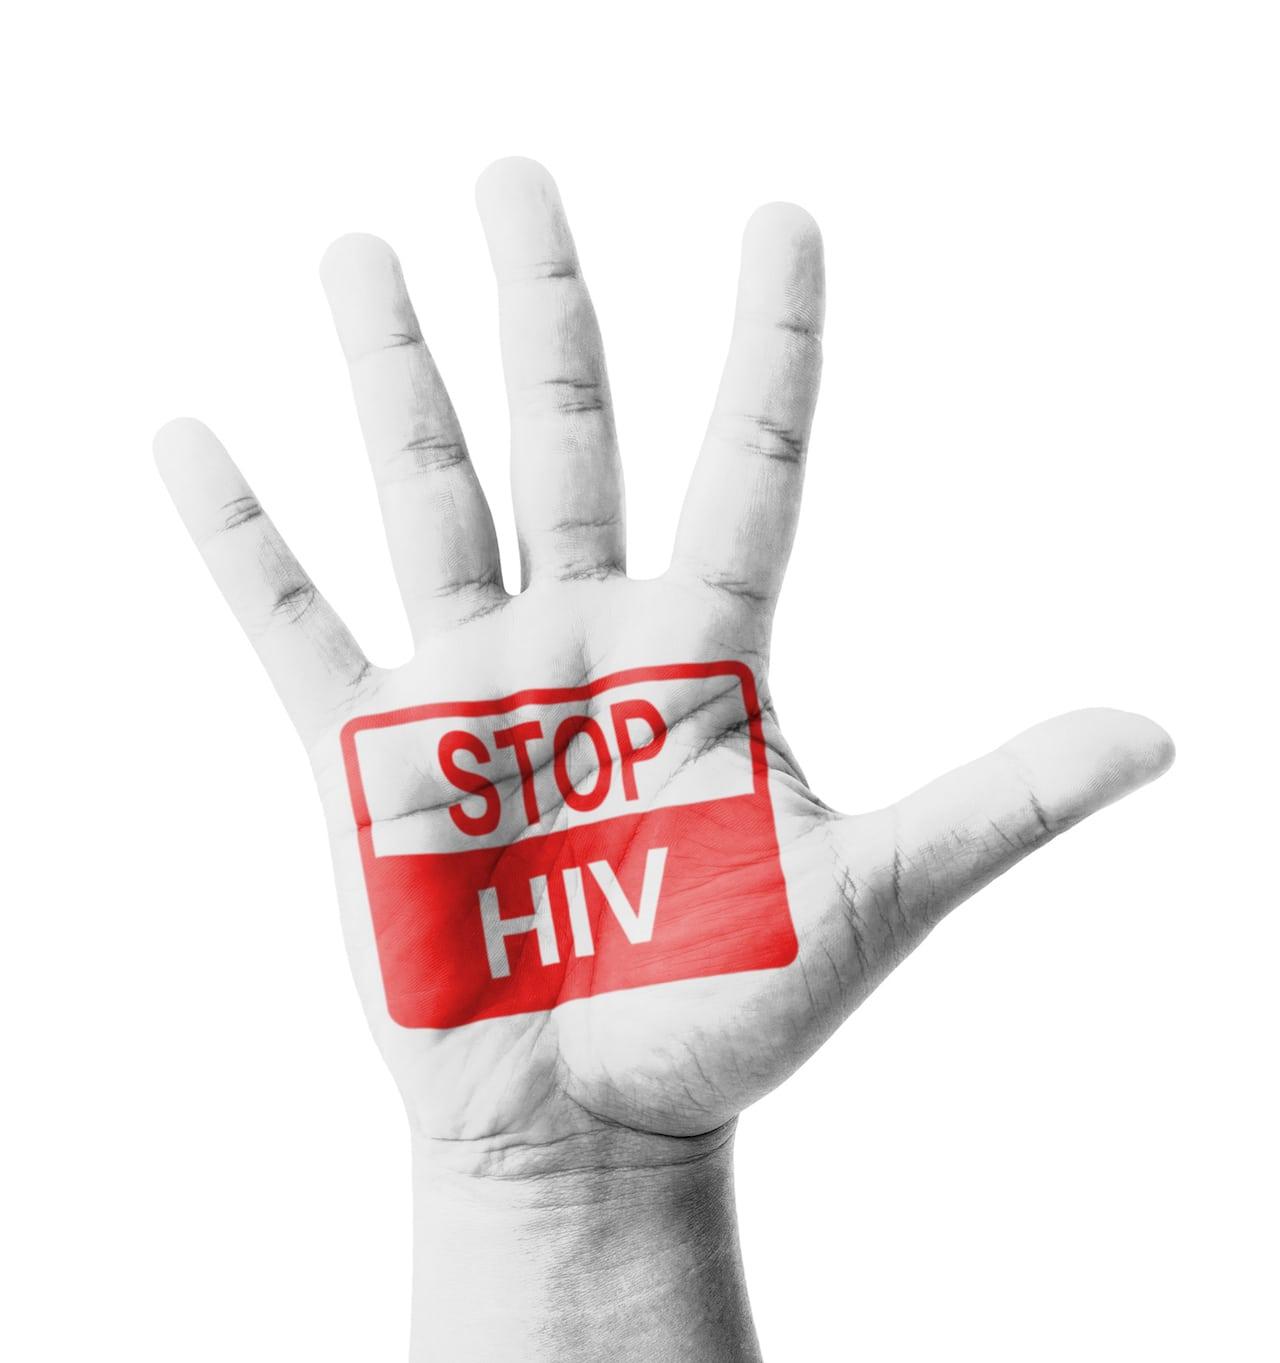 Сегодня в Петербурге подведут итоги проекта по экспресс-тестированию на ВИЧ - изображение 1